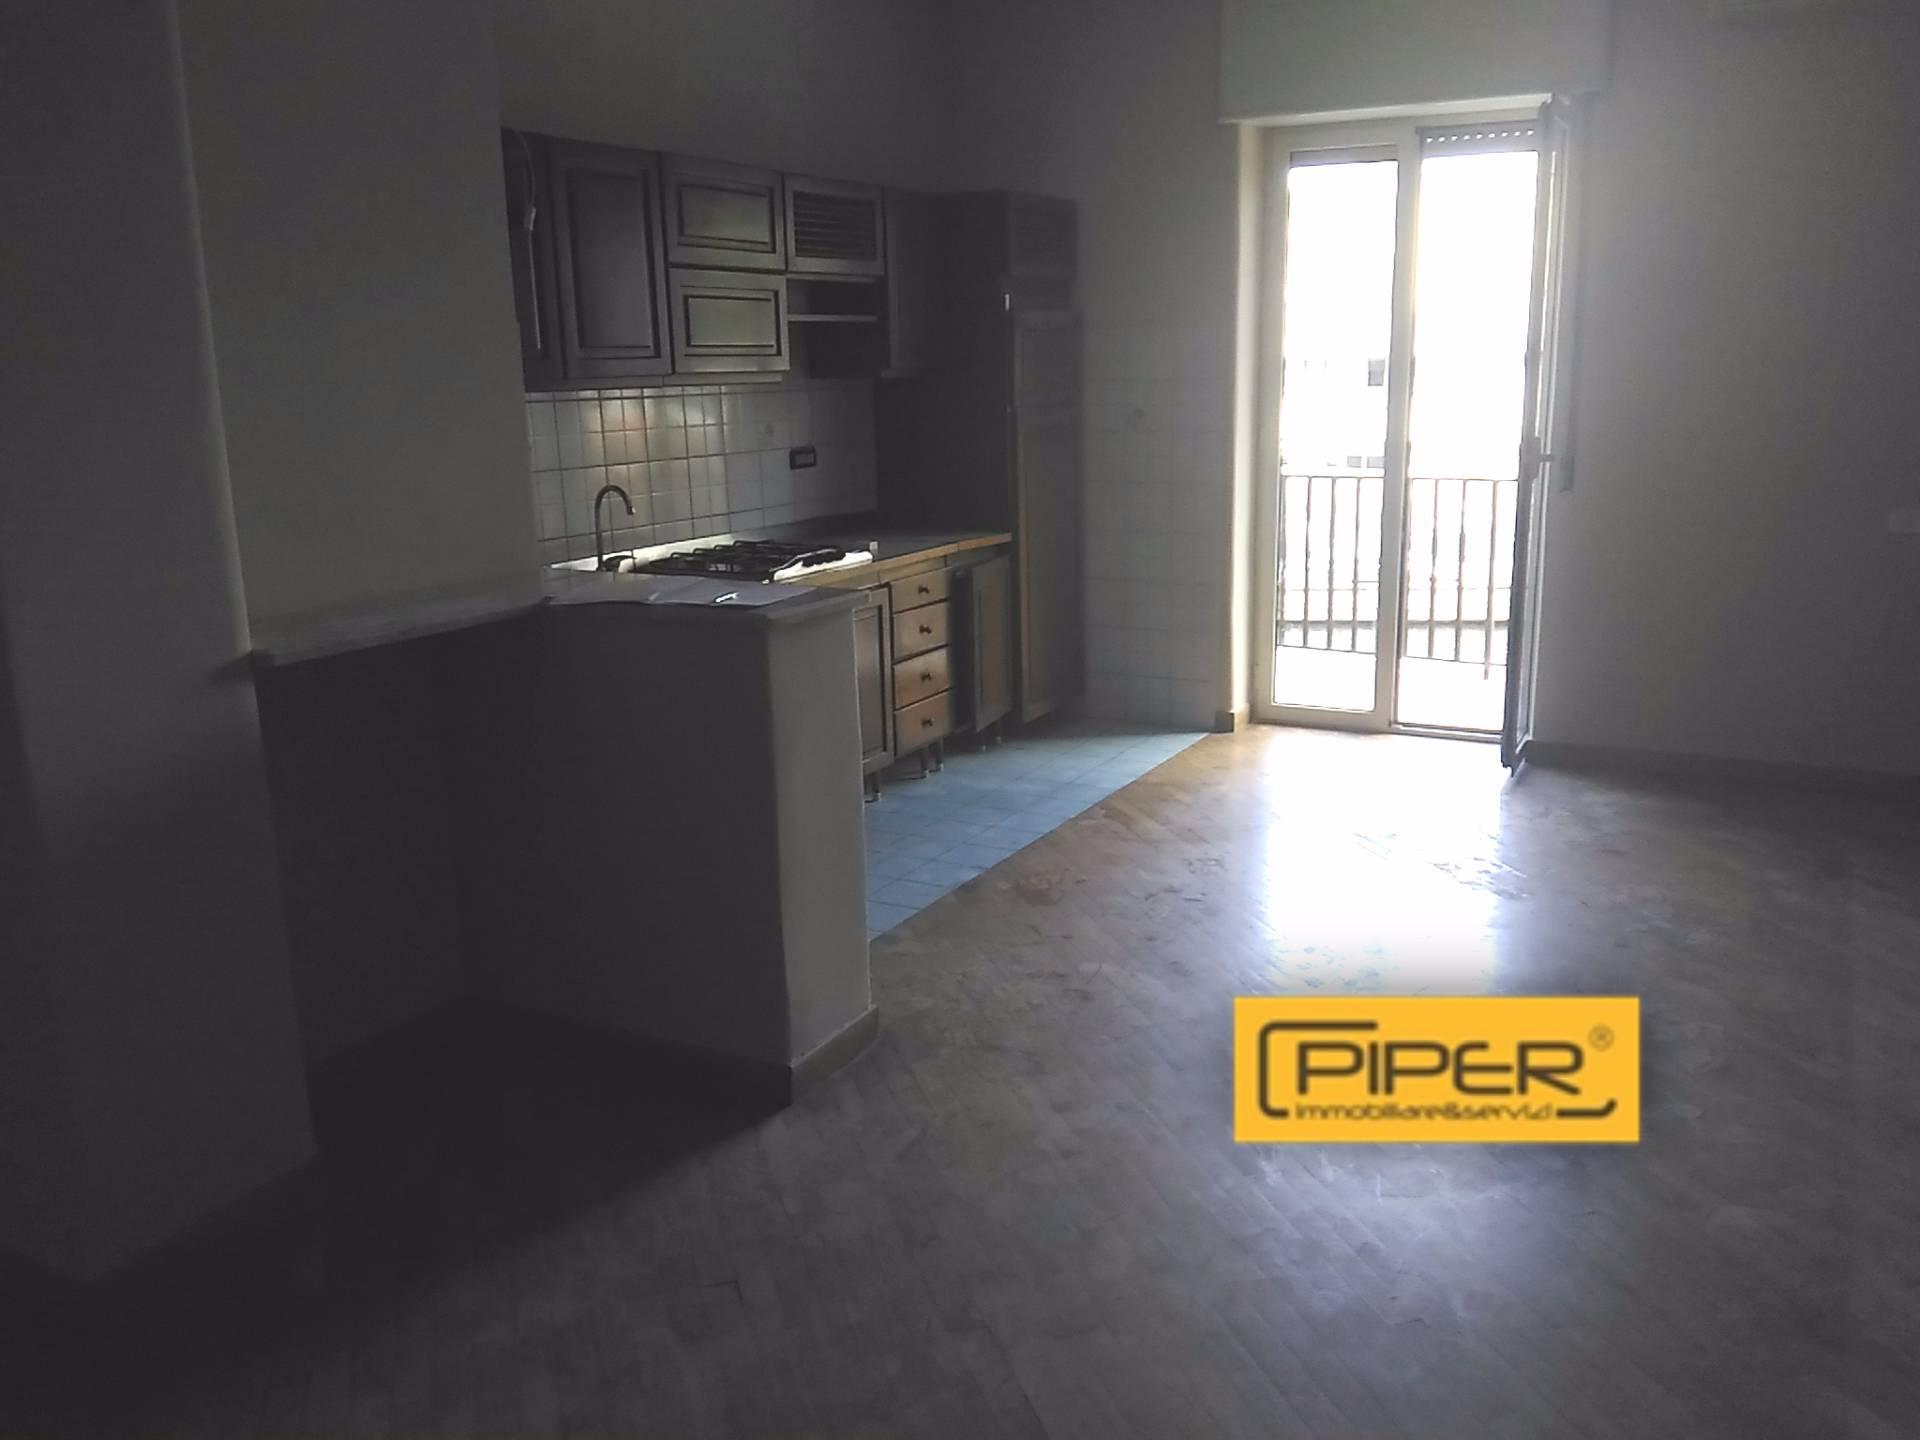 Appartamento in affitto a Napoli, 4 locali, zona Zona: 10 . Bagnoli, Fuorigrotta, Agnano, prezzo € 650 | CambioCasa.it